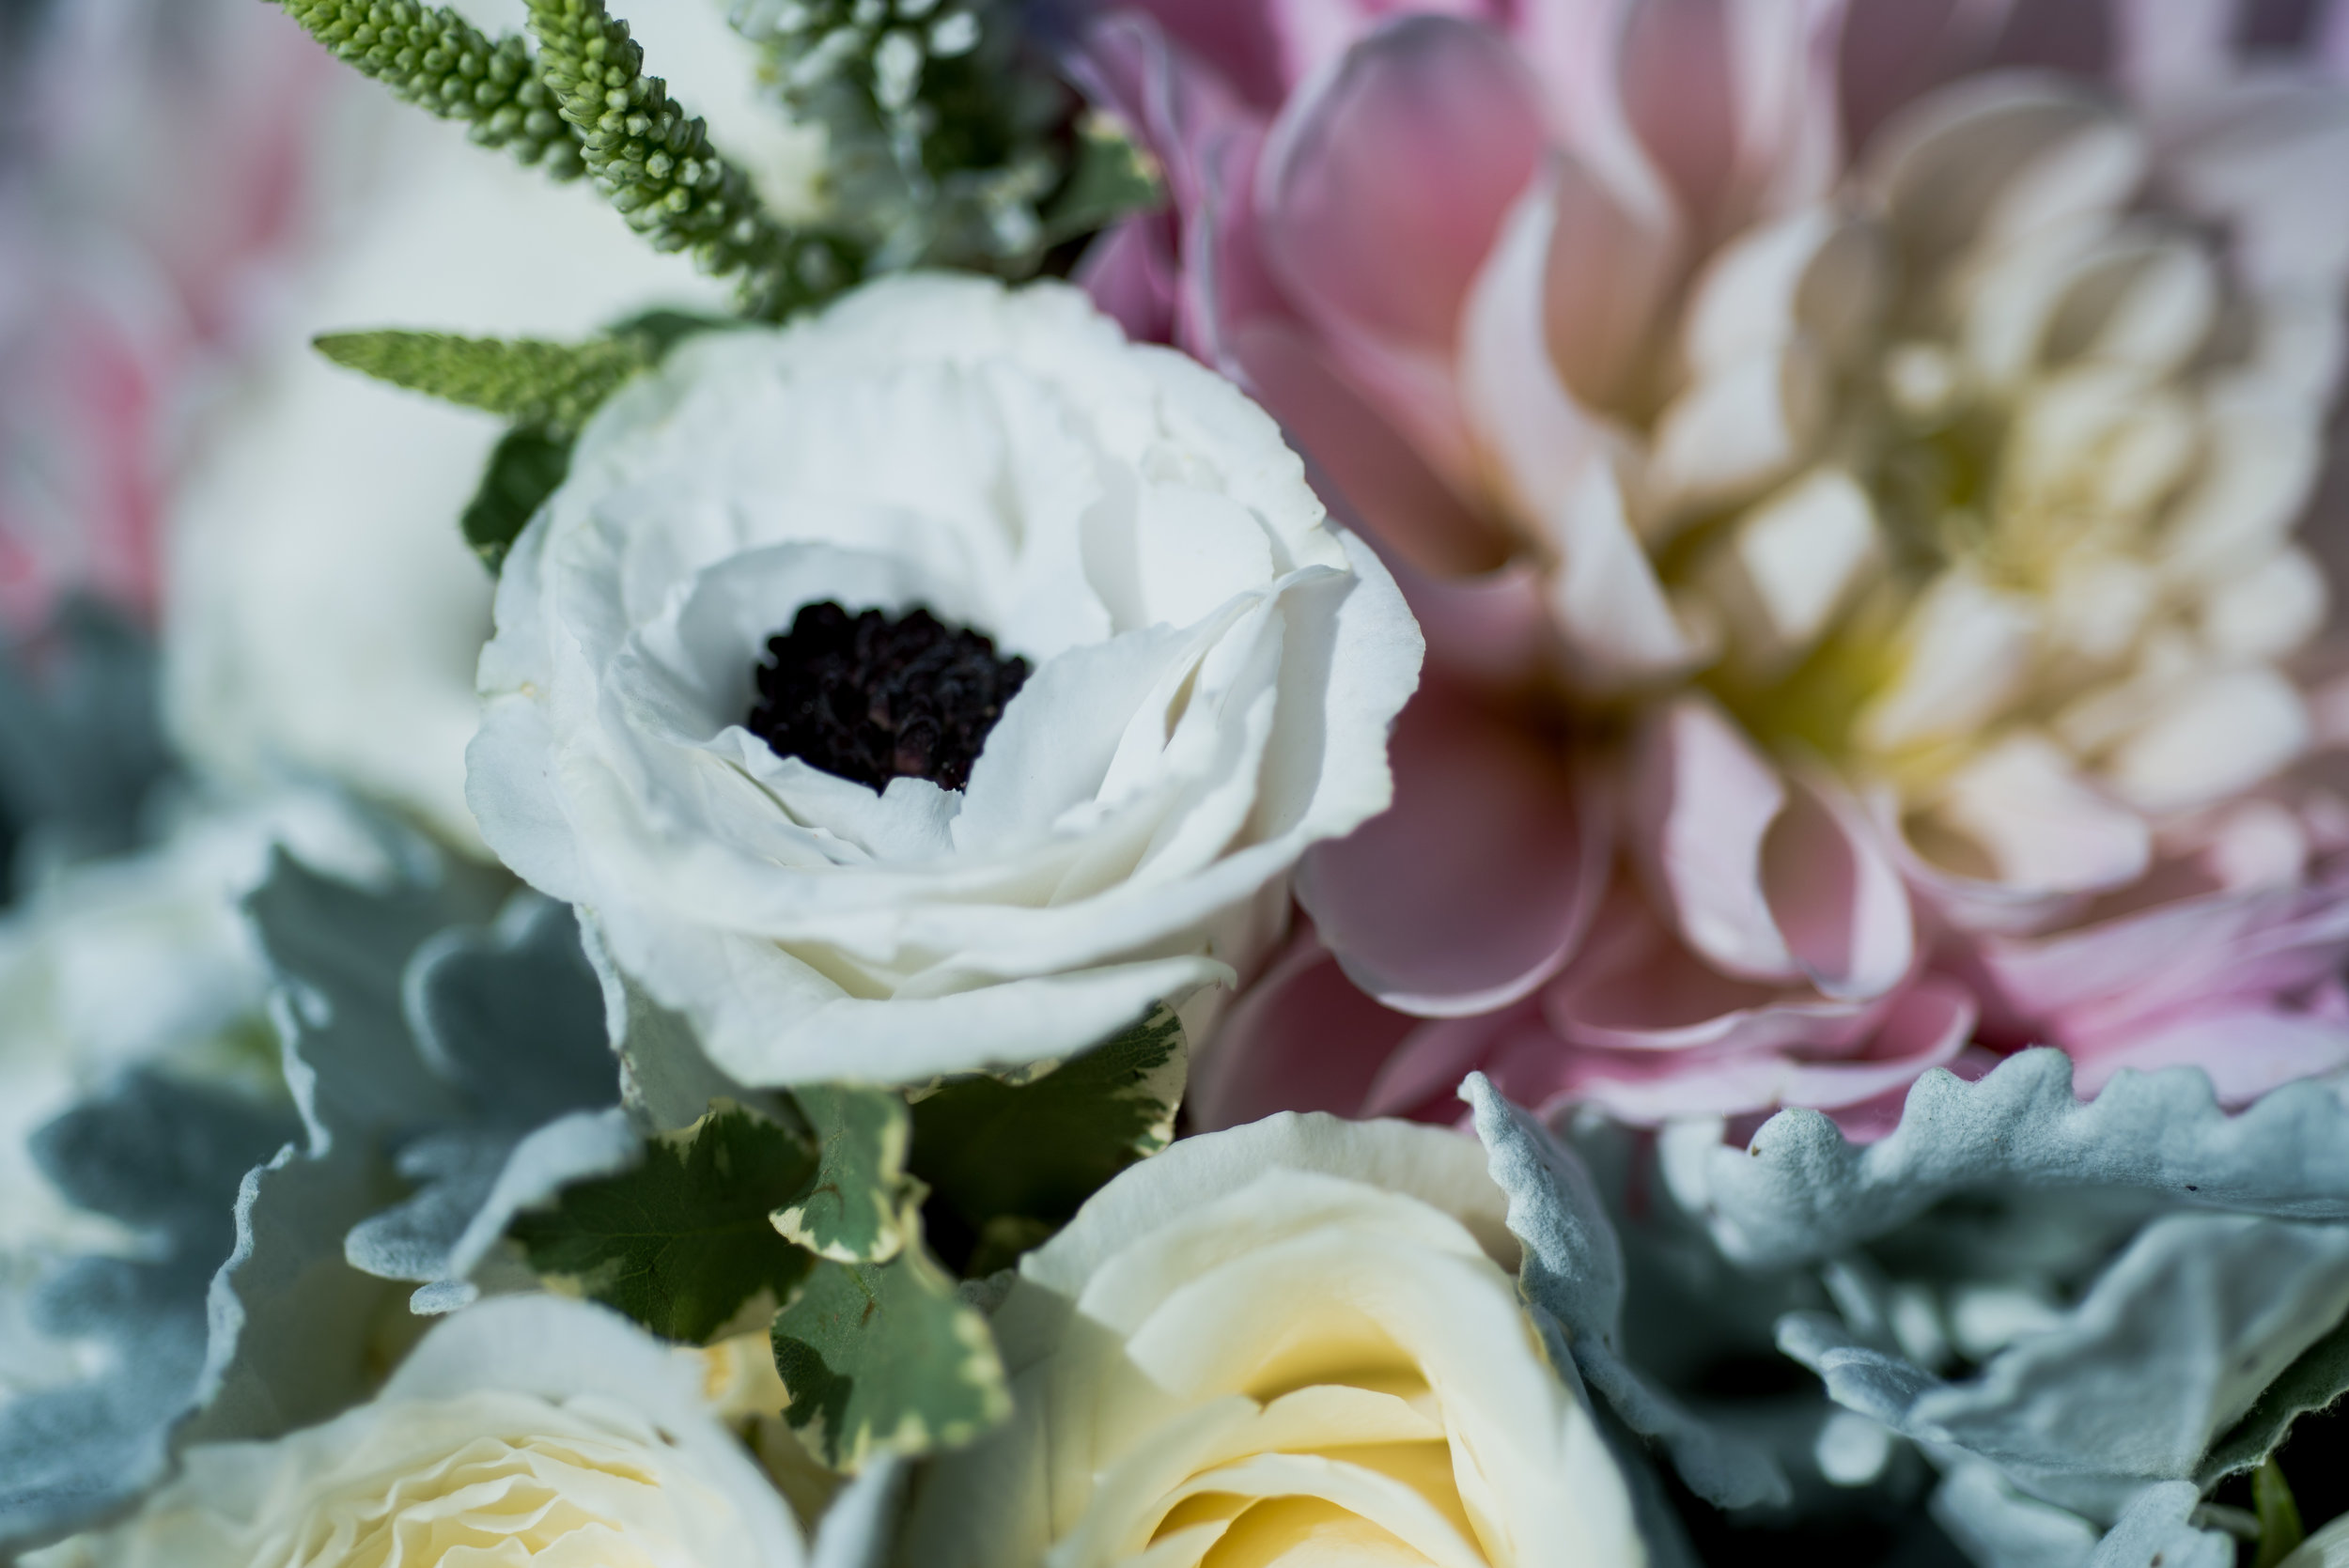 sequim-petrichor photo-elopement-desitination-pacific northwest-cross country-florist-washington-sublime stems-54.jpg